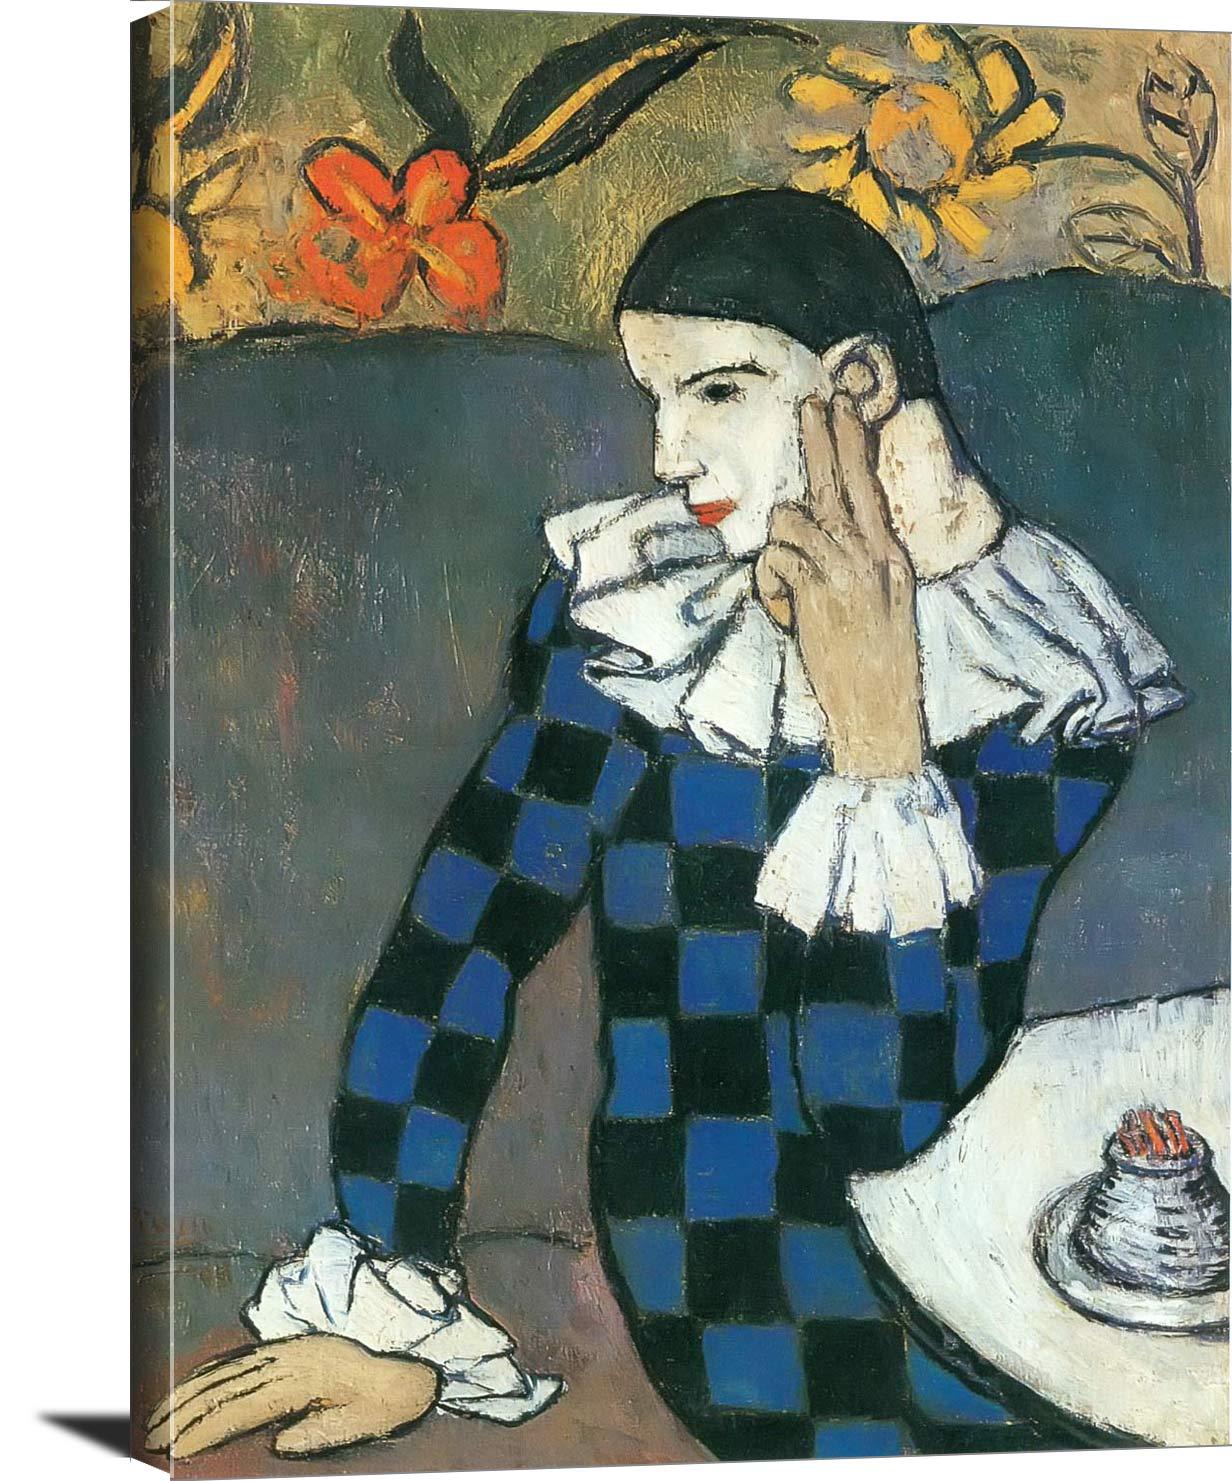 Harlequin Pablo Picasso